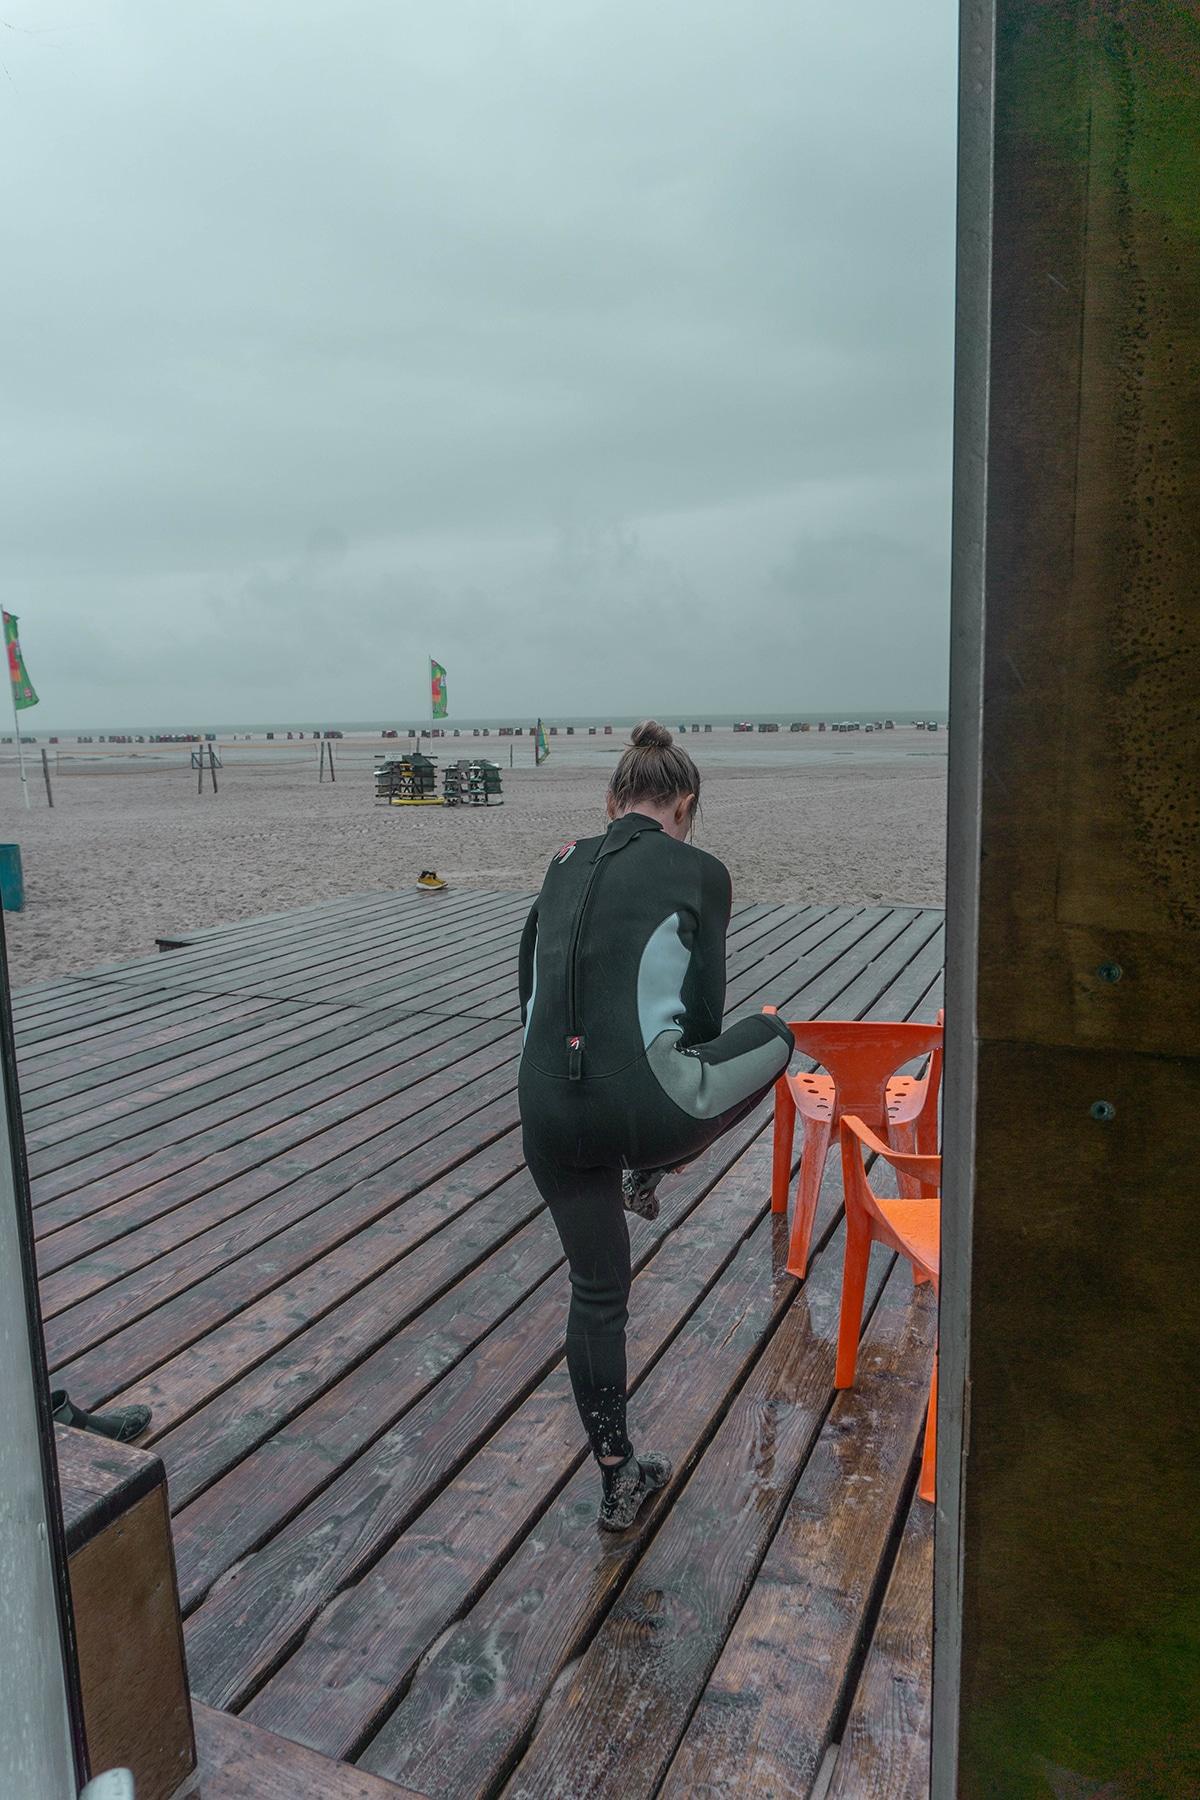 amrum-surfschule-frau-regen